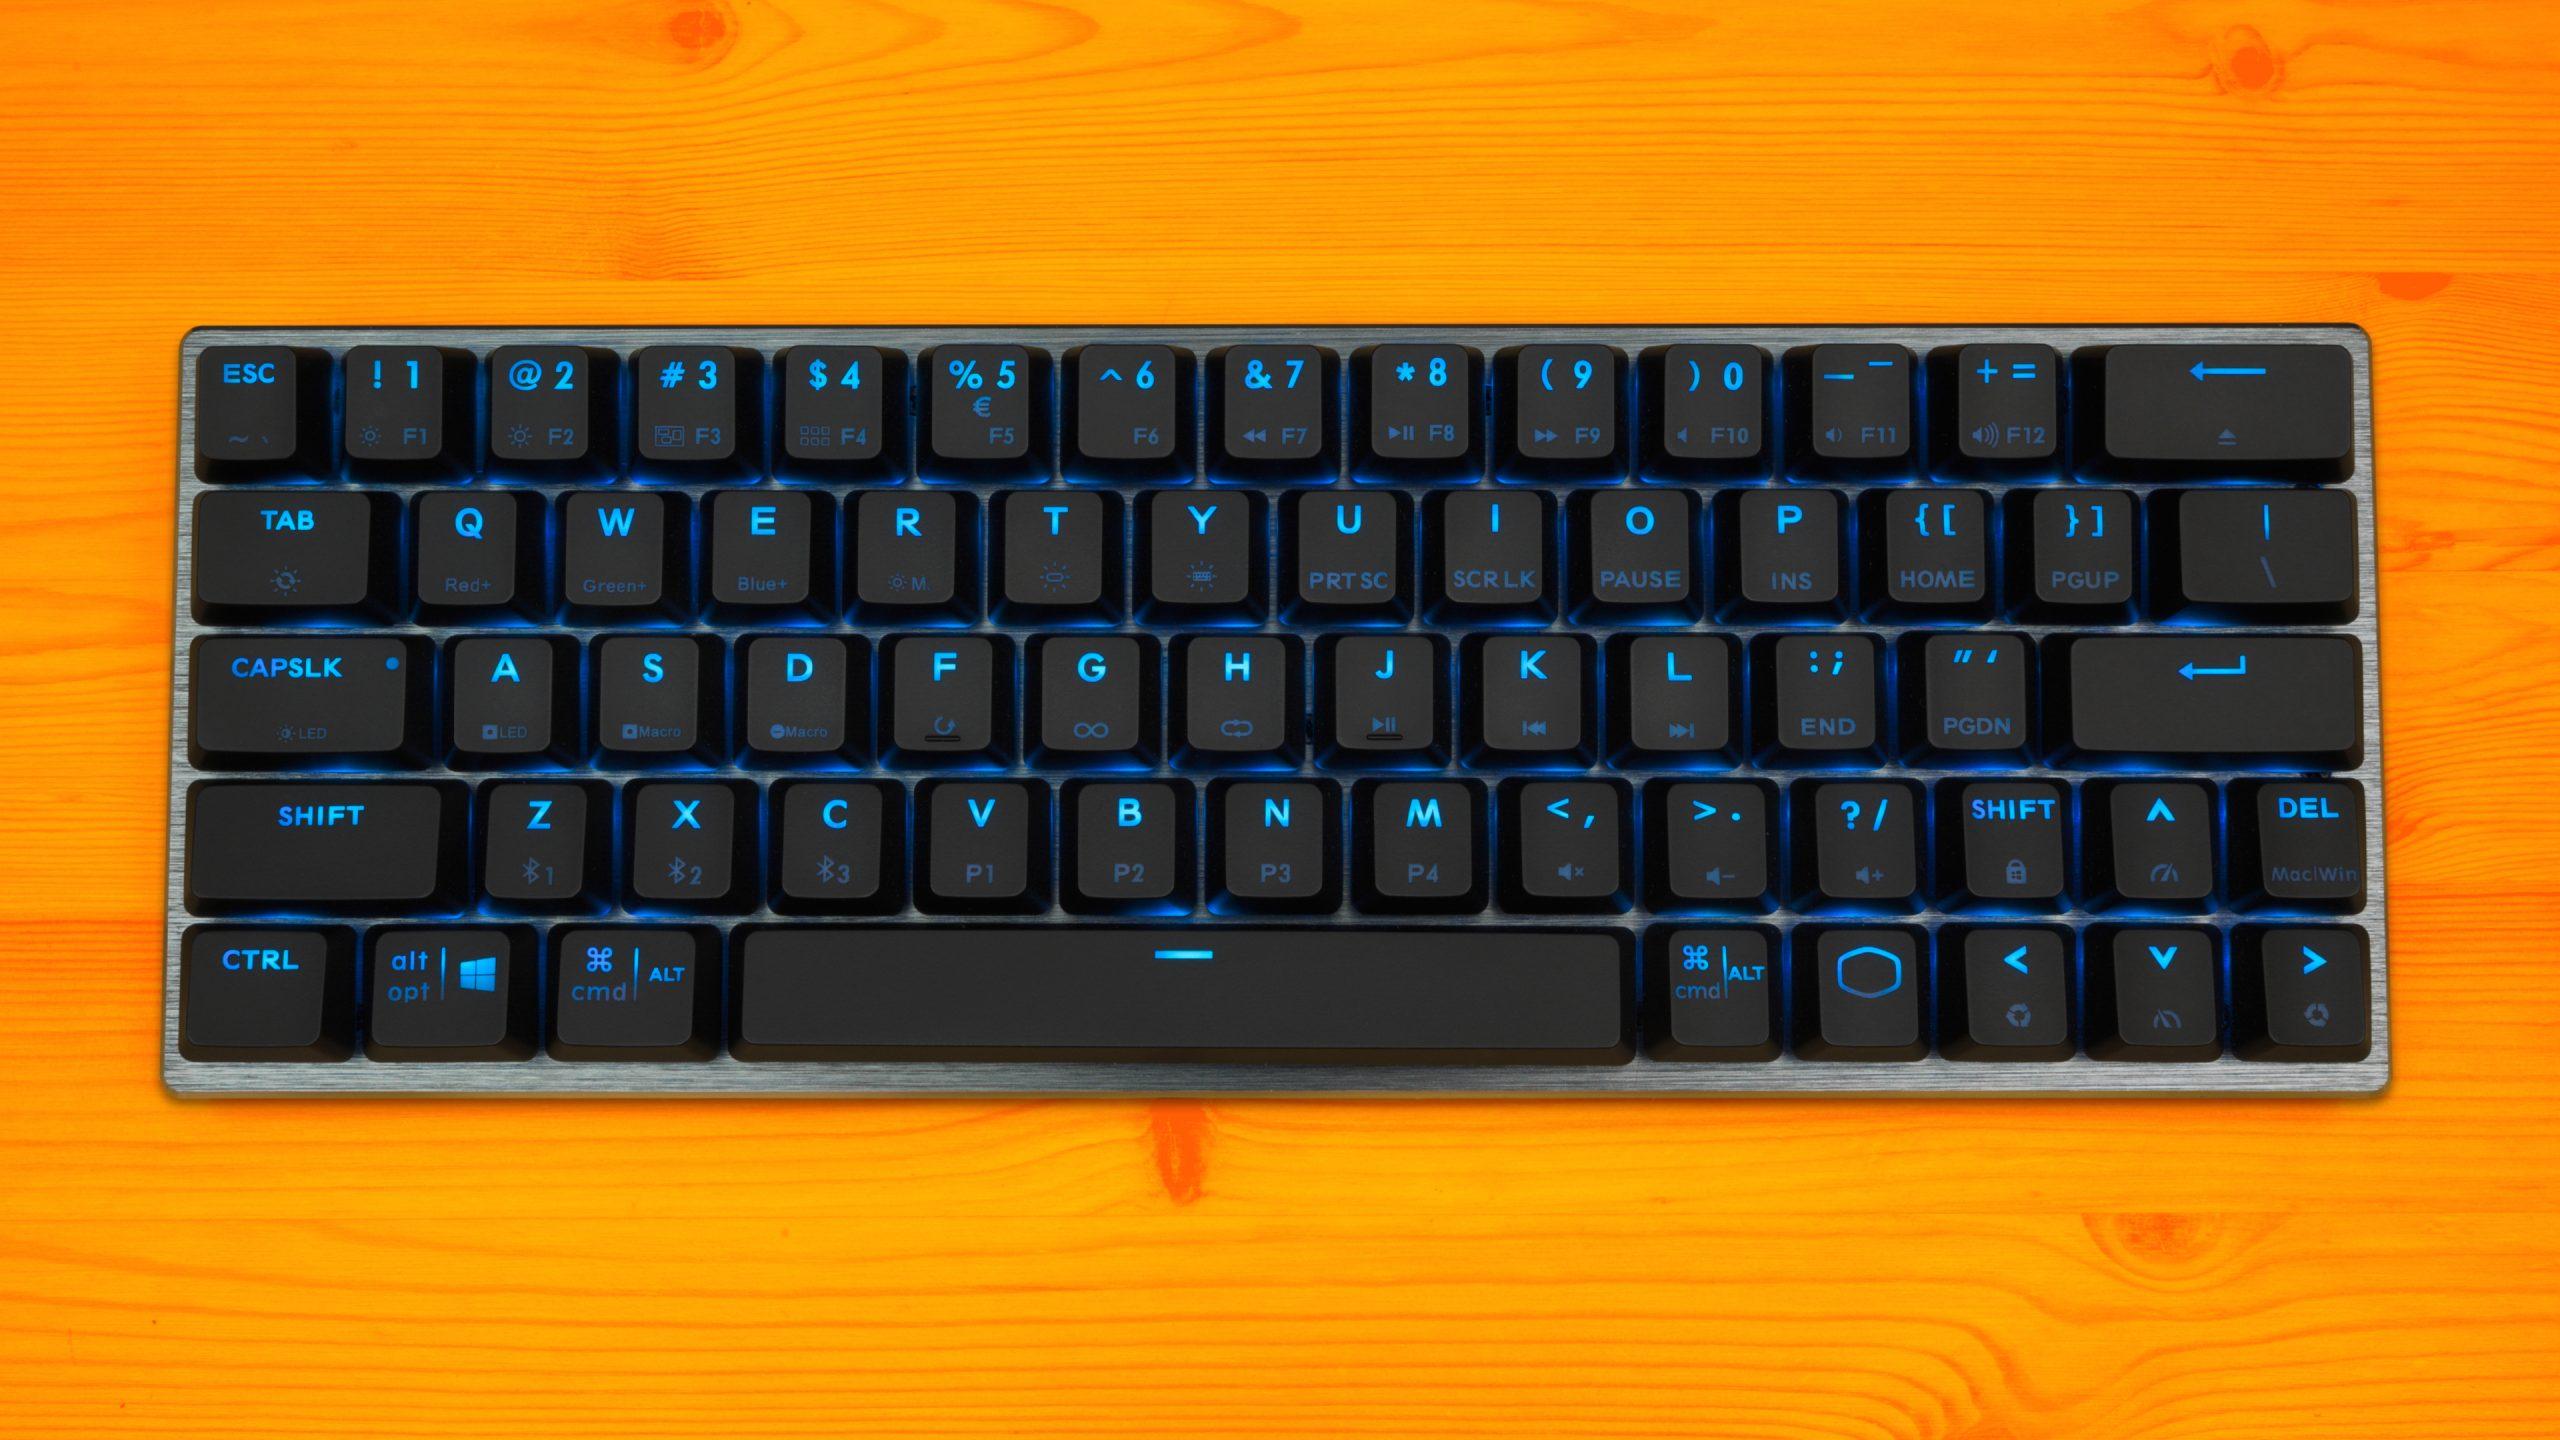 Bovenaanzicht van het compacte Cooler Master SK622-toetsenbord.